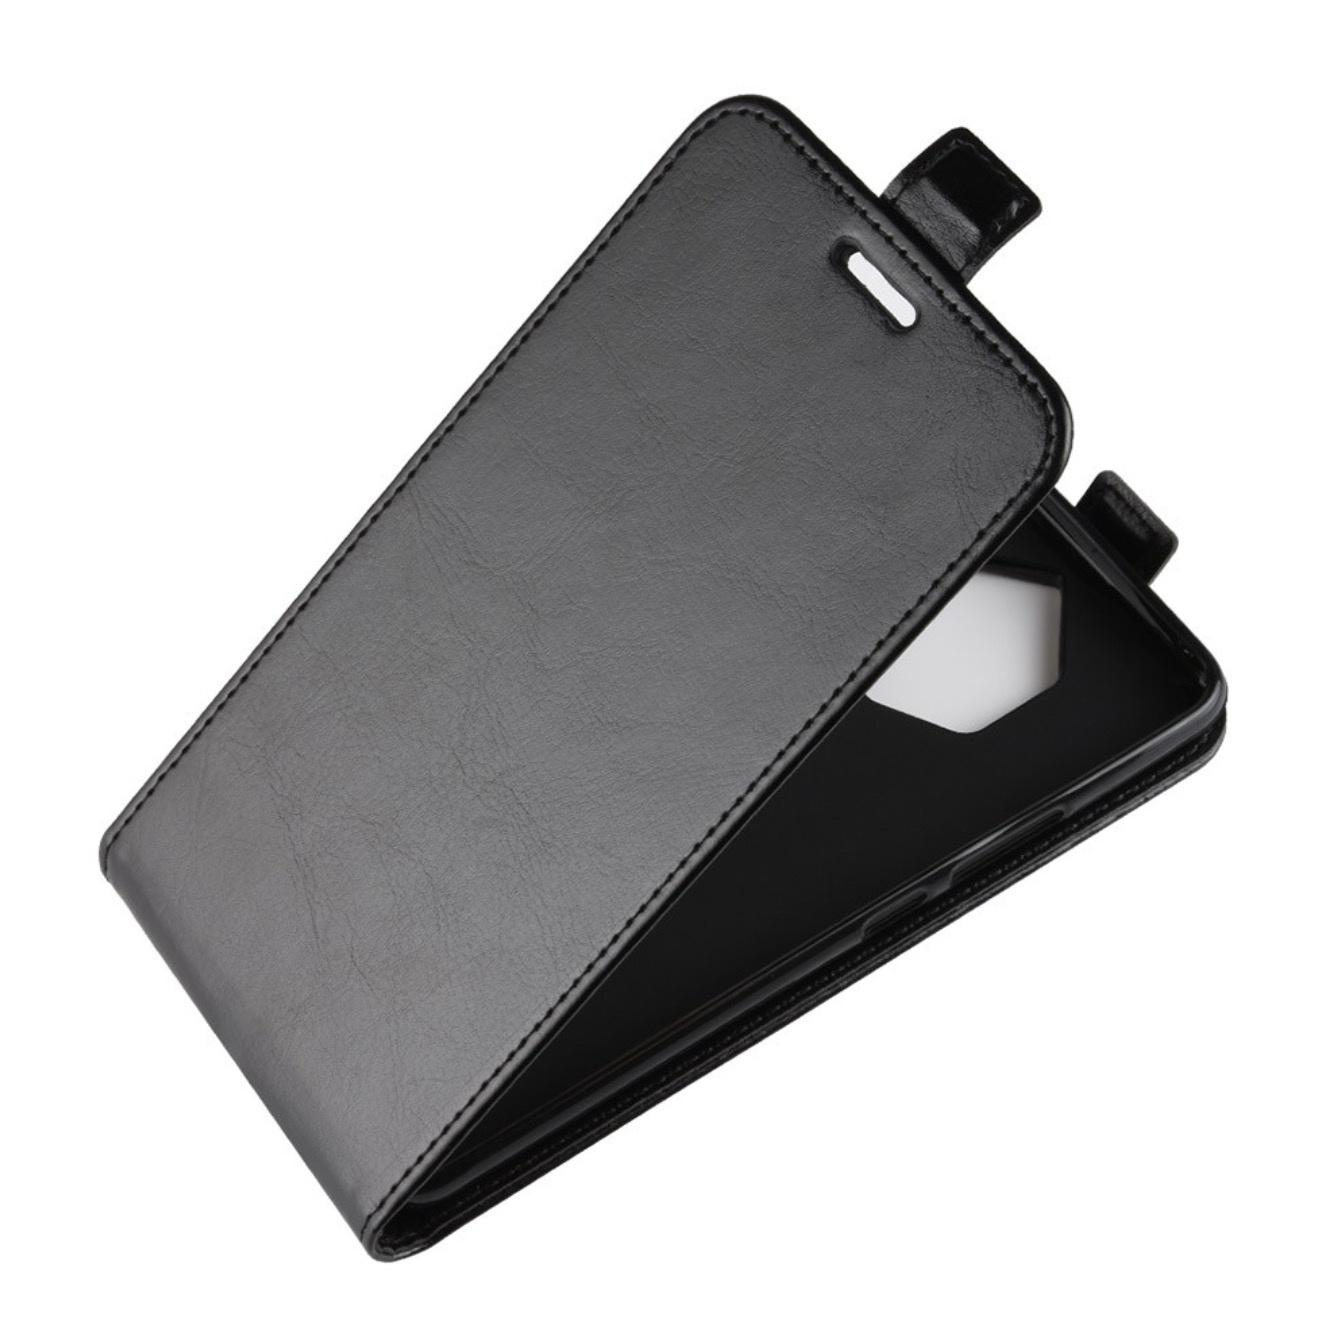 Чехол-флип MyPads для Fly IQ4418 ERA Style 4 вертикальный откидной черный